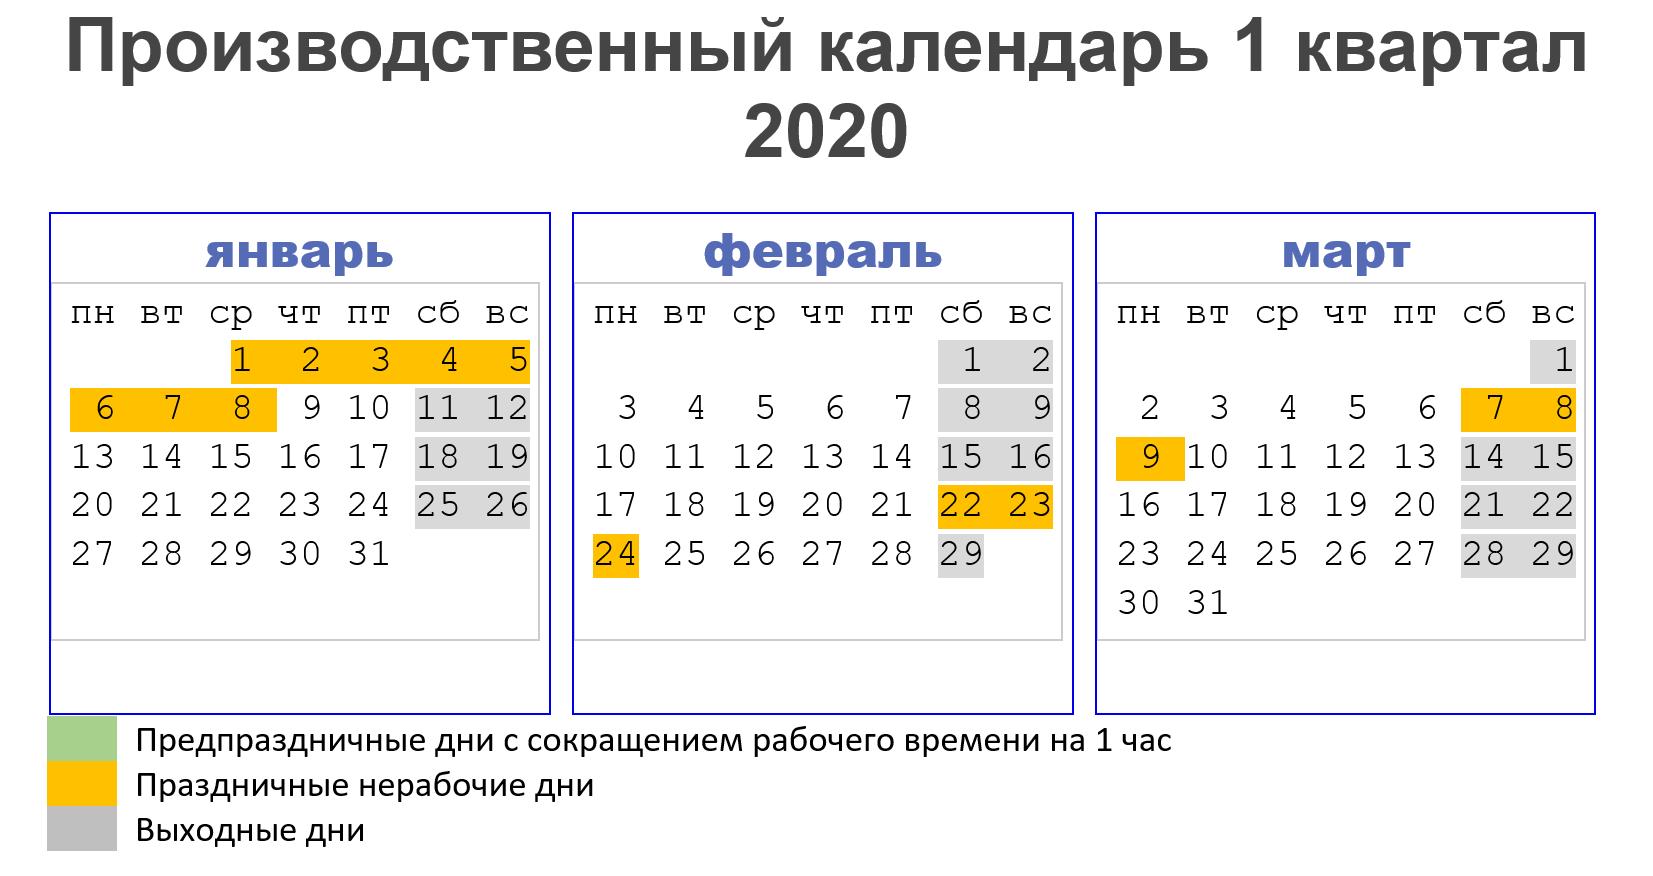 Производственный календарь 1 квартал 2020 года